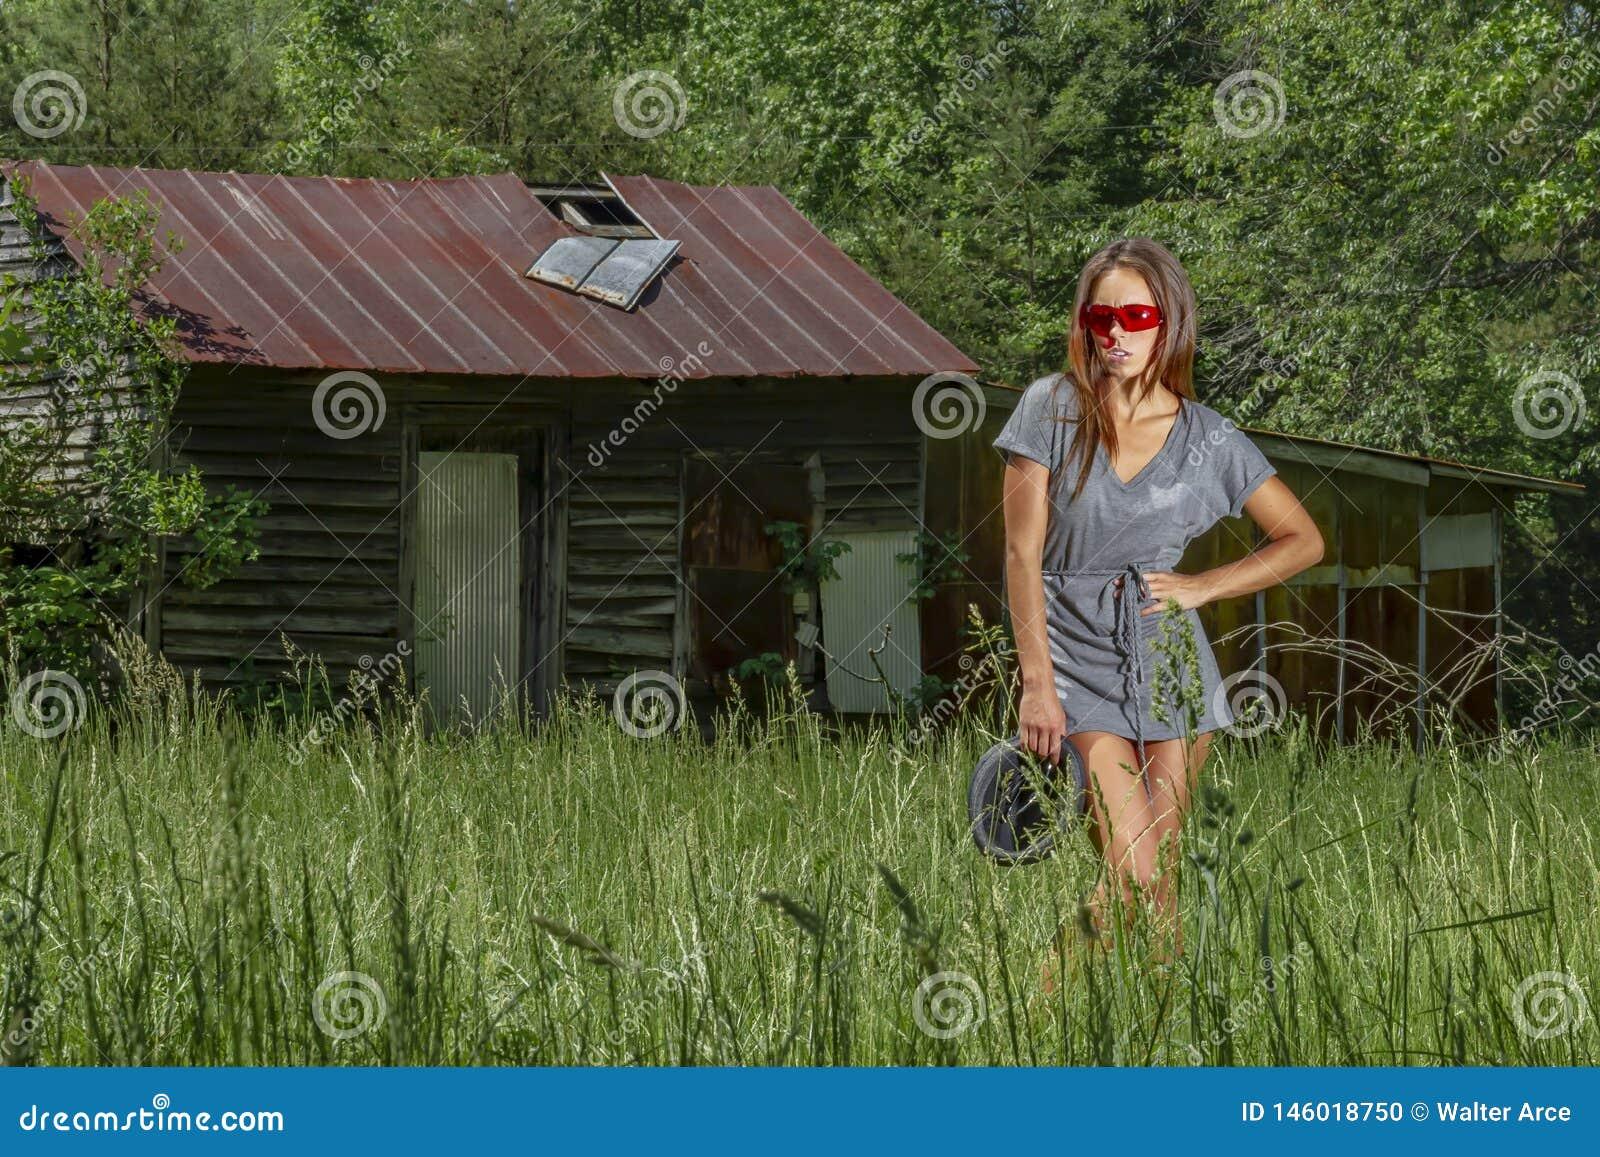 Ambiente rural moreno bonito de Posing Outdoors In A do modelo do biquini